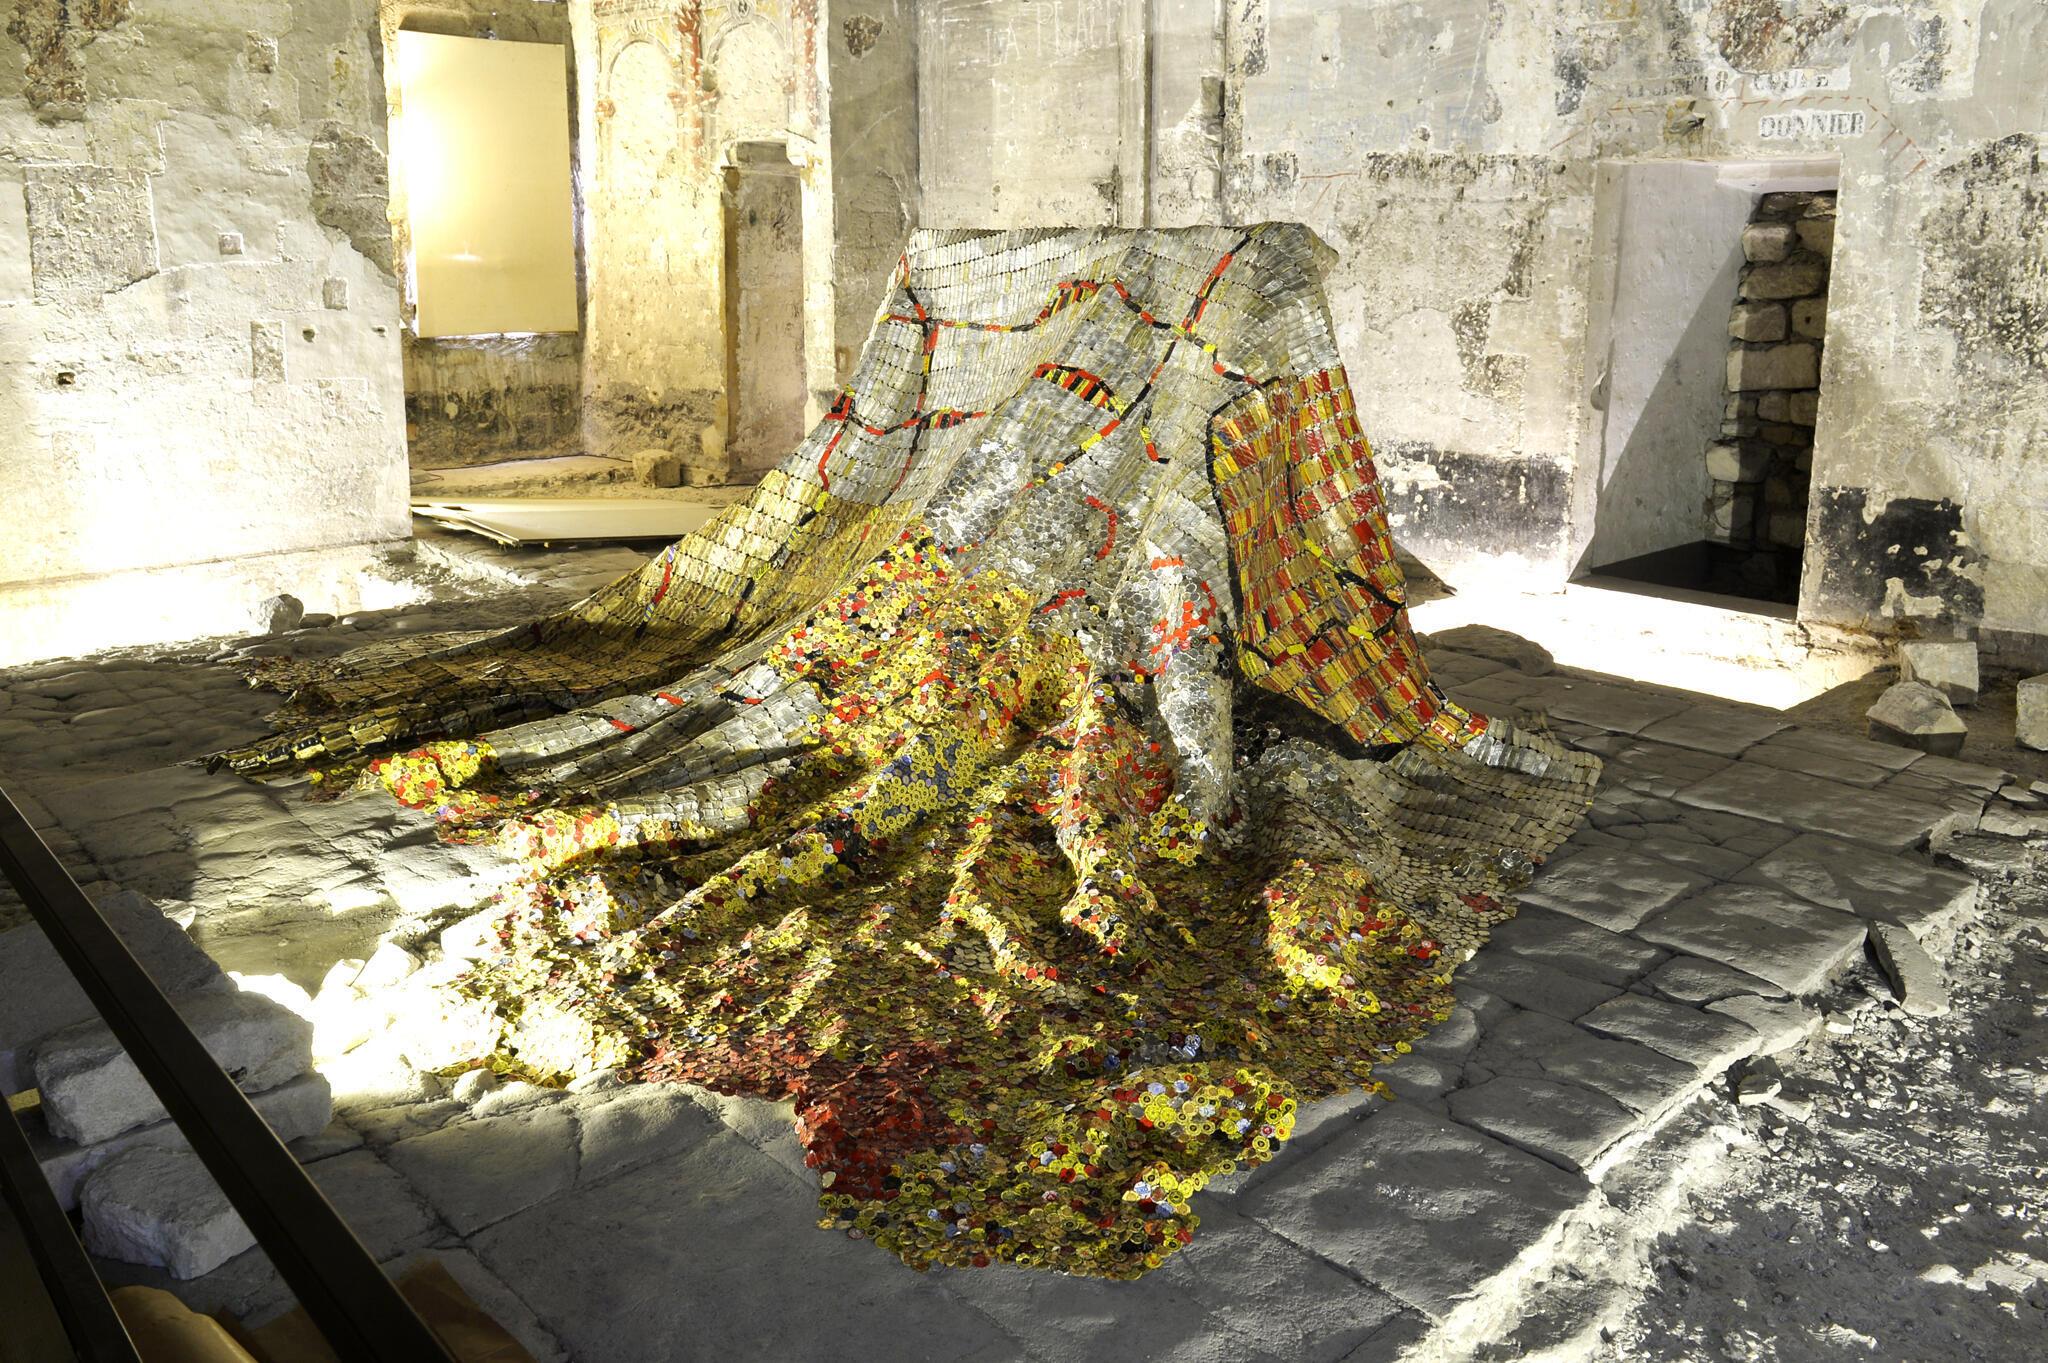 Une installation d'El Anatsui exposée à l'intérieur du Palais des Papes à Avignon.